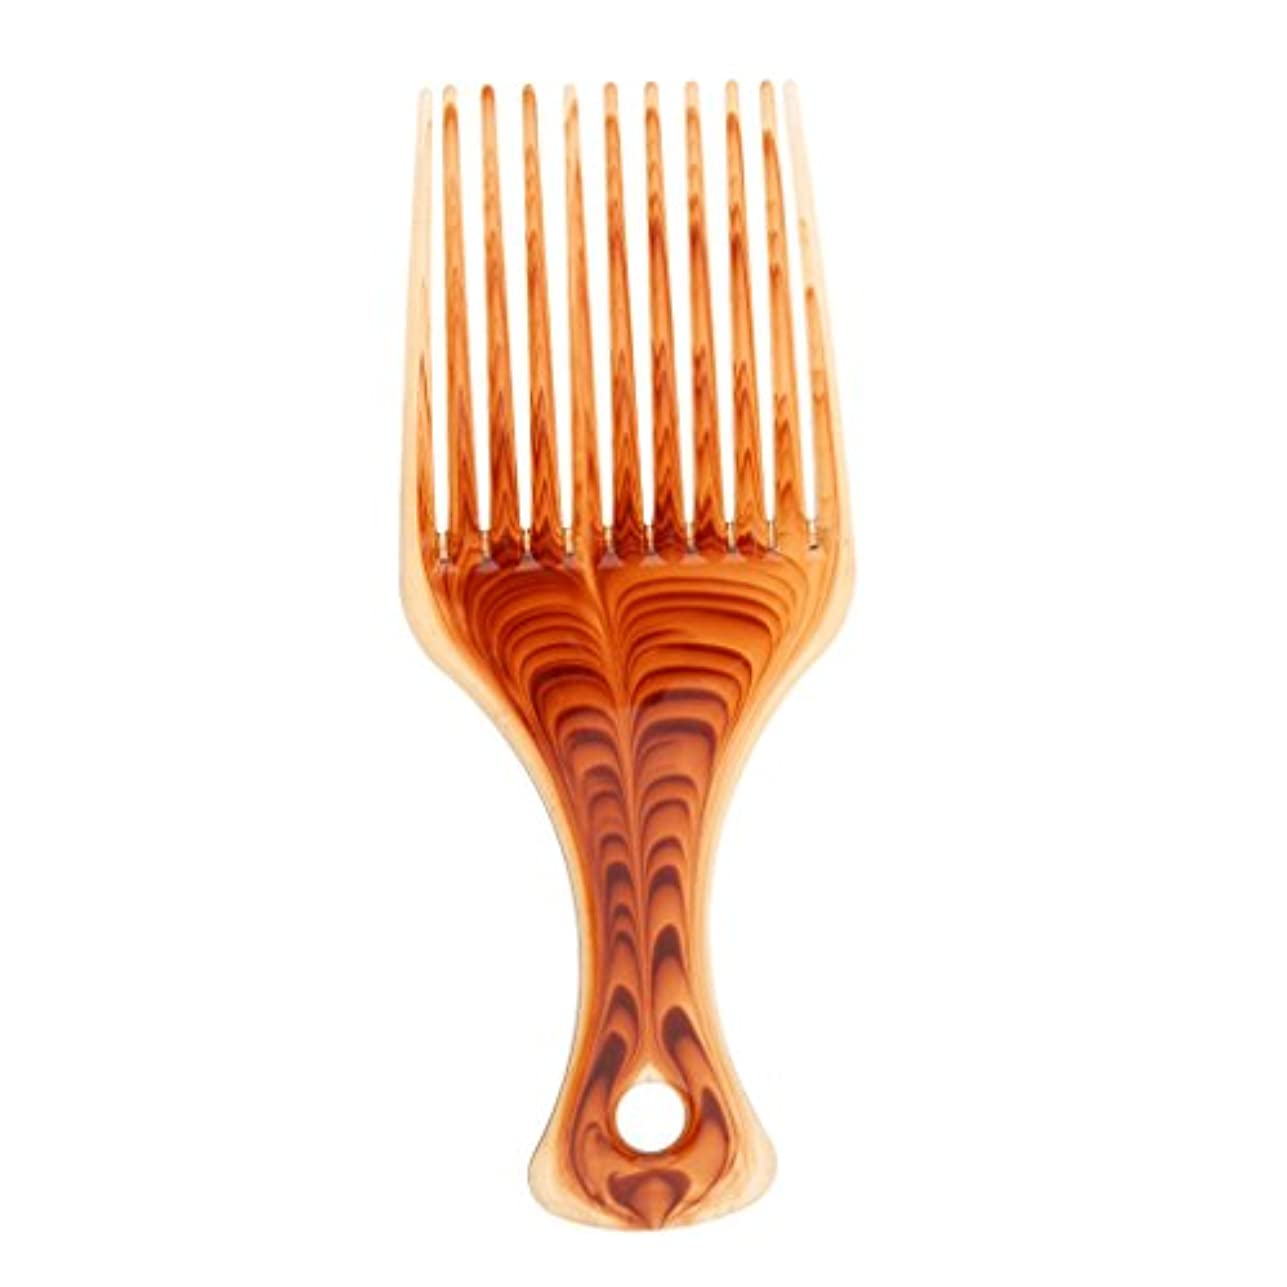 中央値期待するマントルToygogo ヘアピックコーム ヘアブラシ ヘアコーム 髪の櫛 くし ヘアケア 頭皮マッサージ